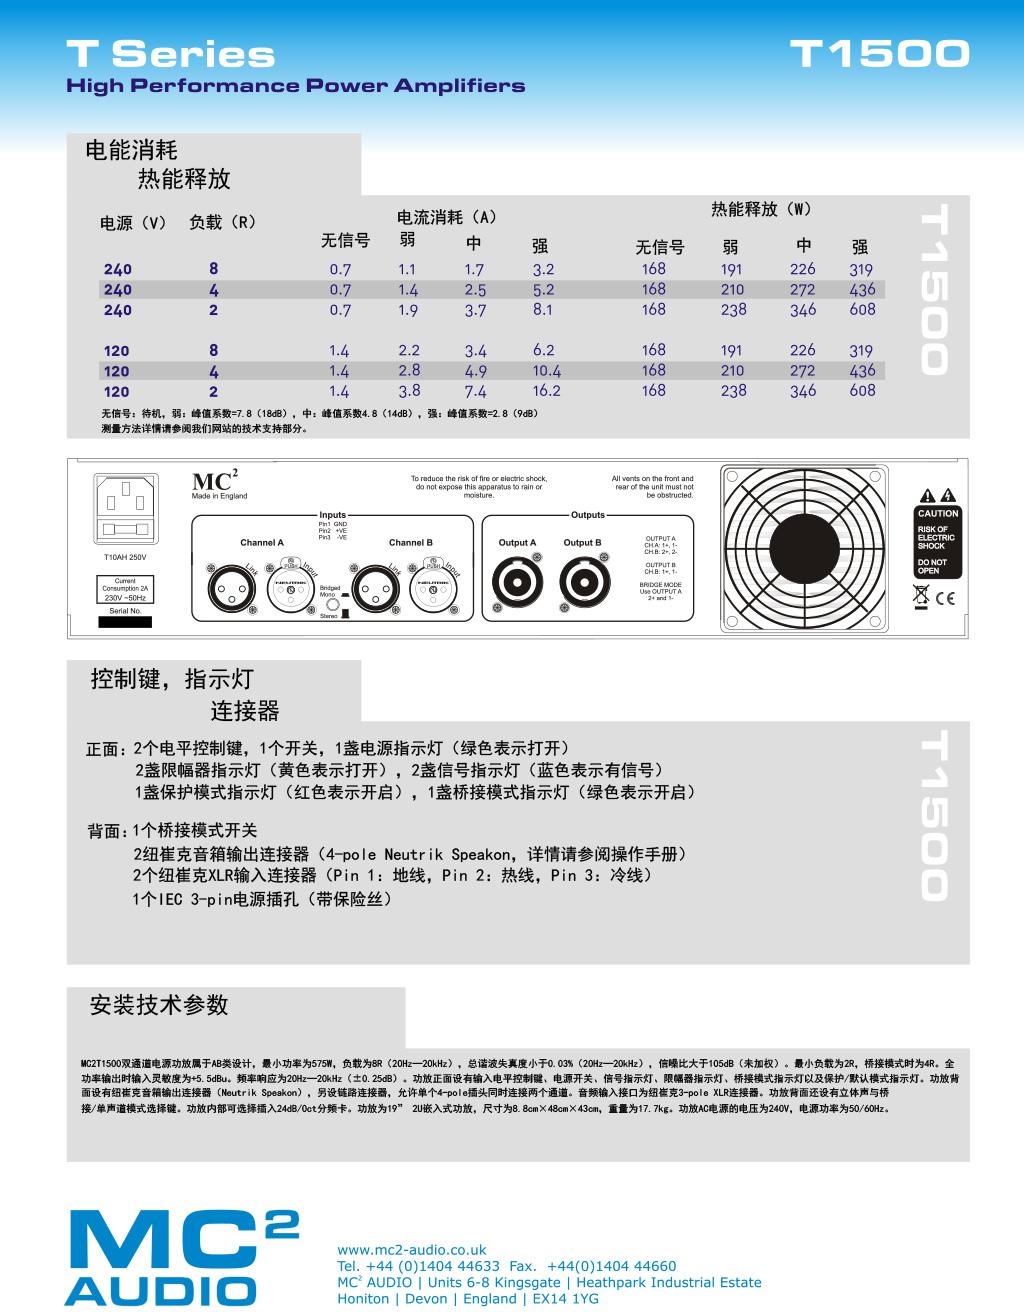 t1500_datasheet-C-2